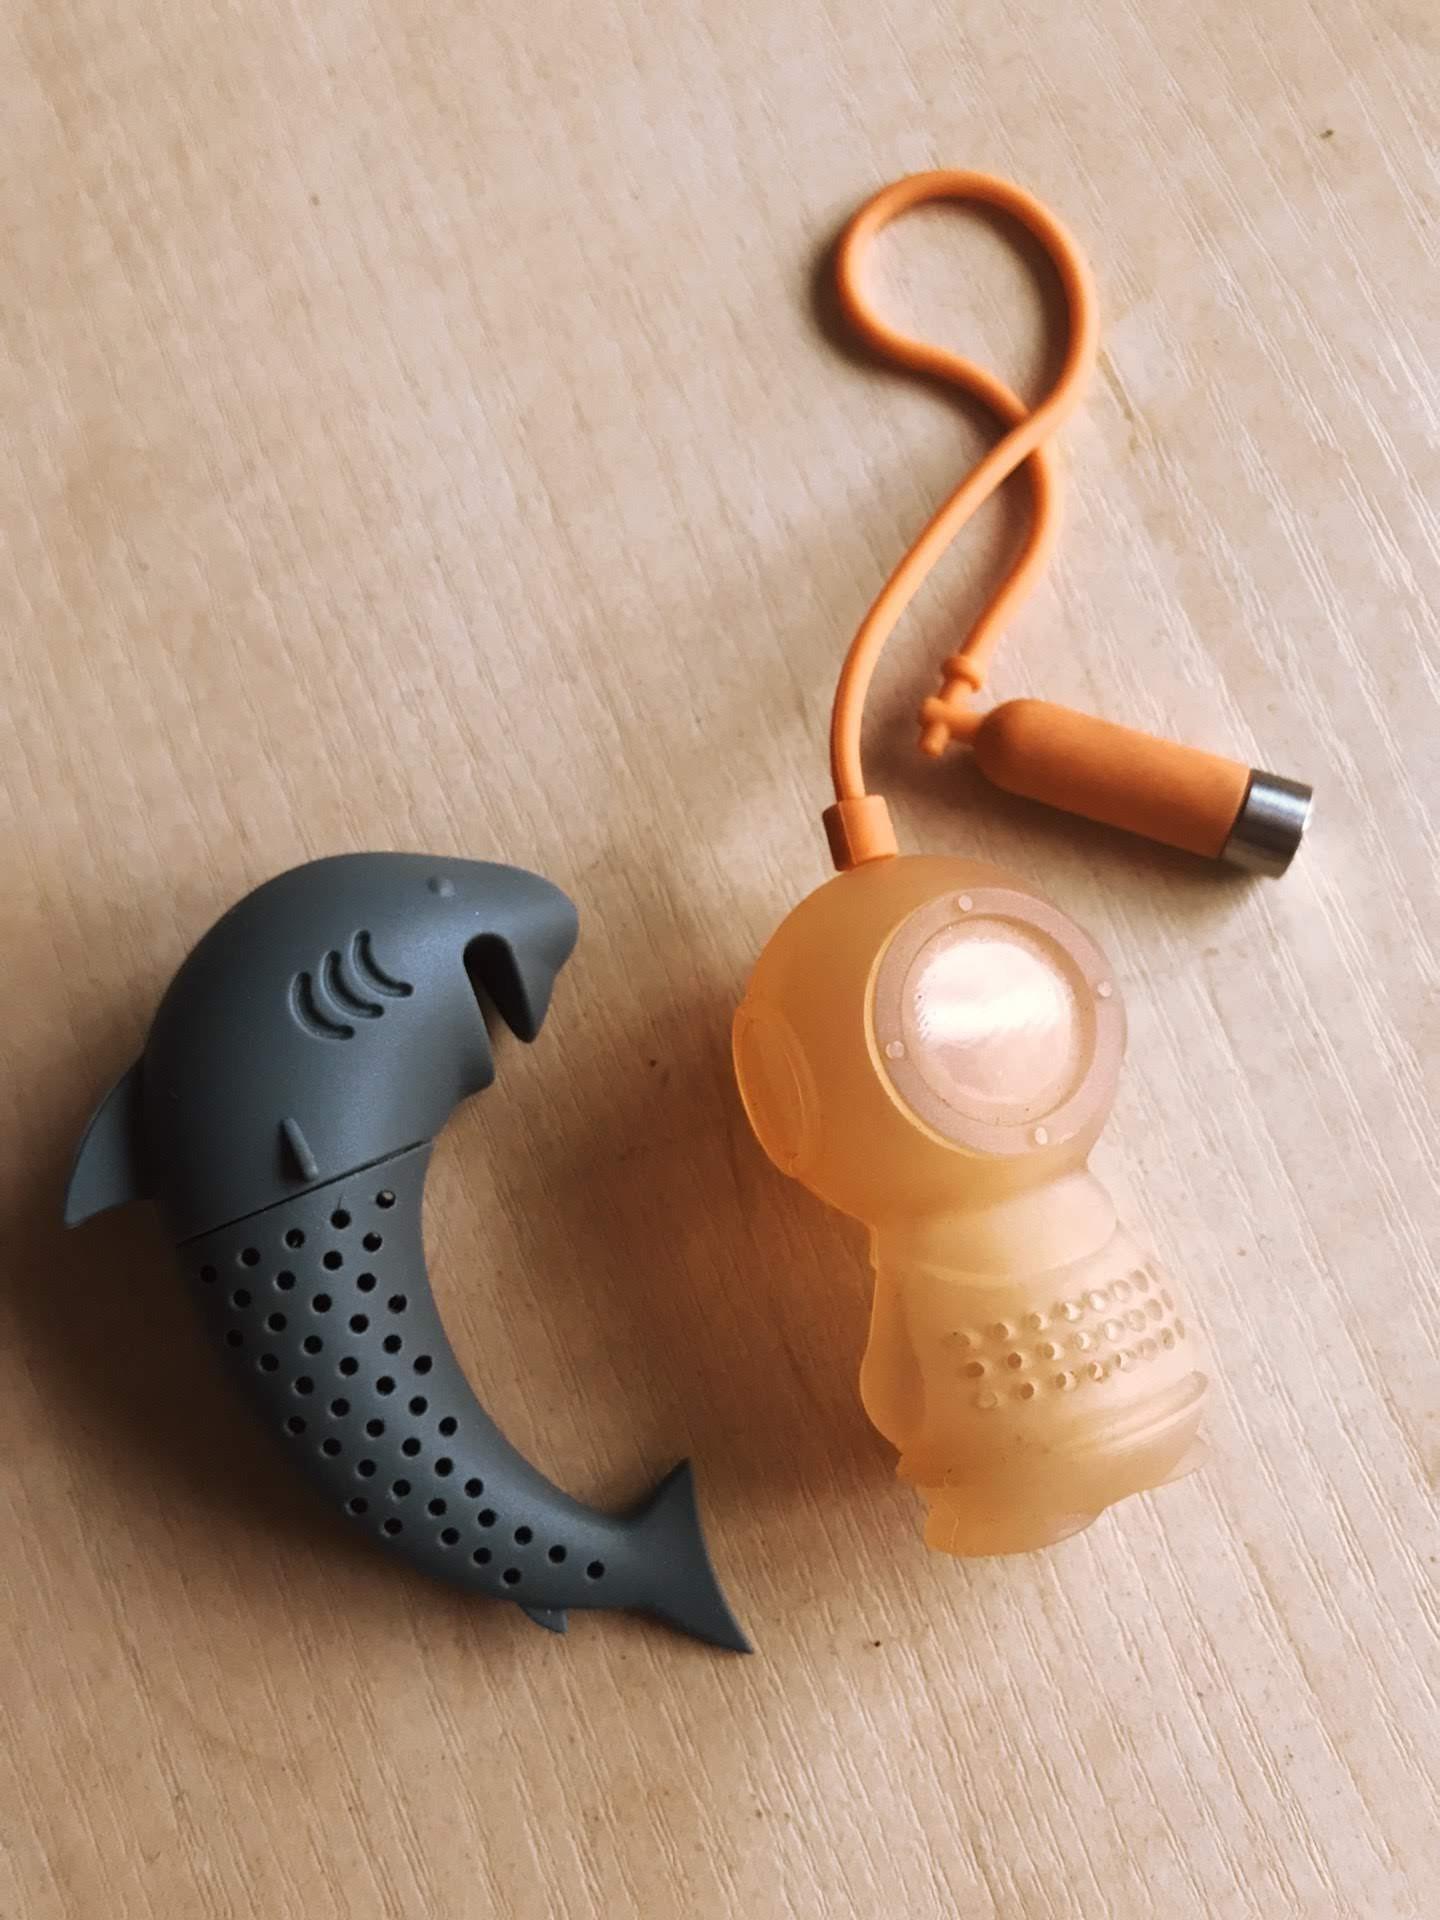 Zaparzarki a nie herbagea w torebkach. Kogo dziwi, że moje mają kształt nurka i rekina?